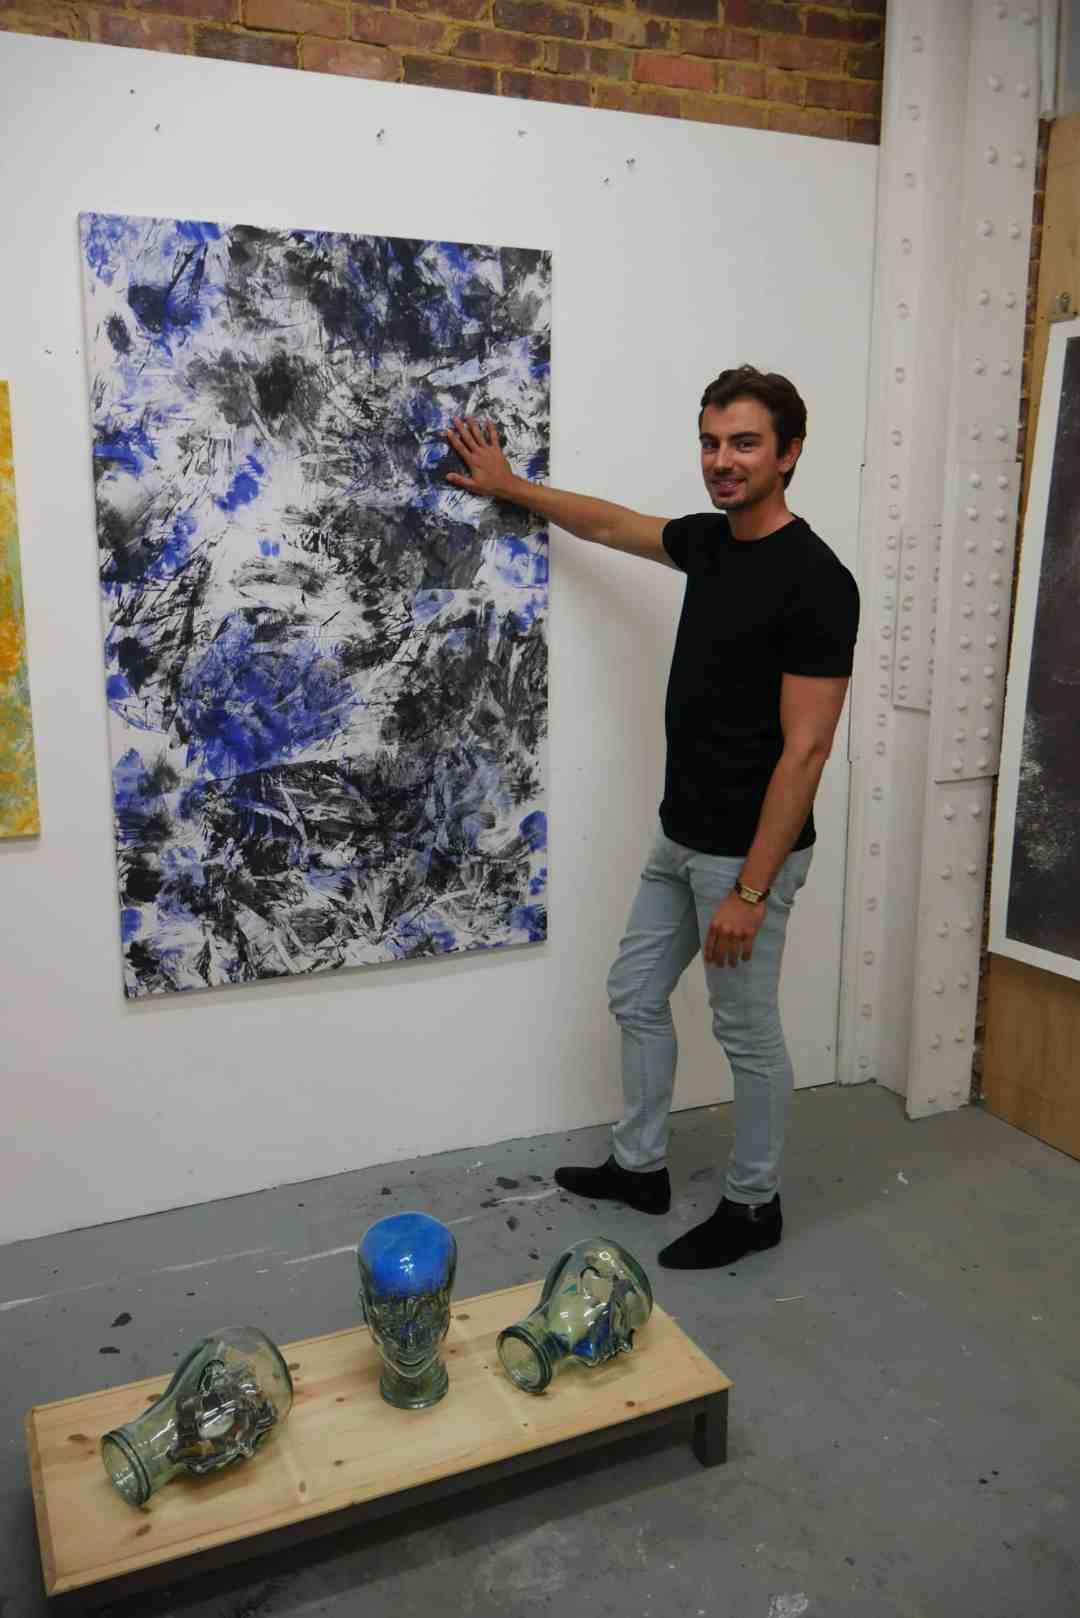 Piotr KRzymowski in his studio, June 2019, photo: Roma Piotrowska